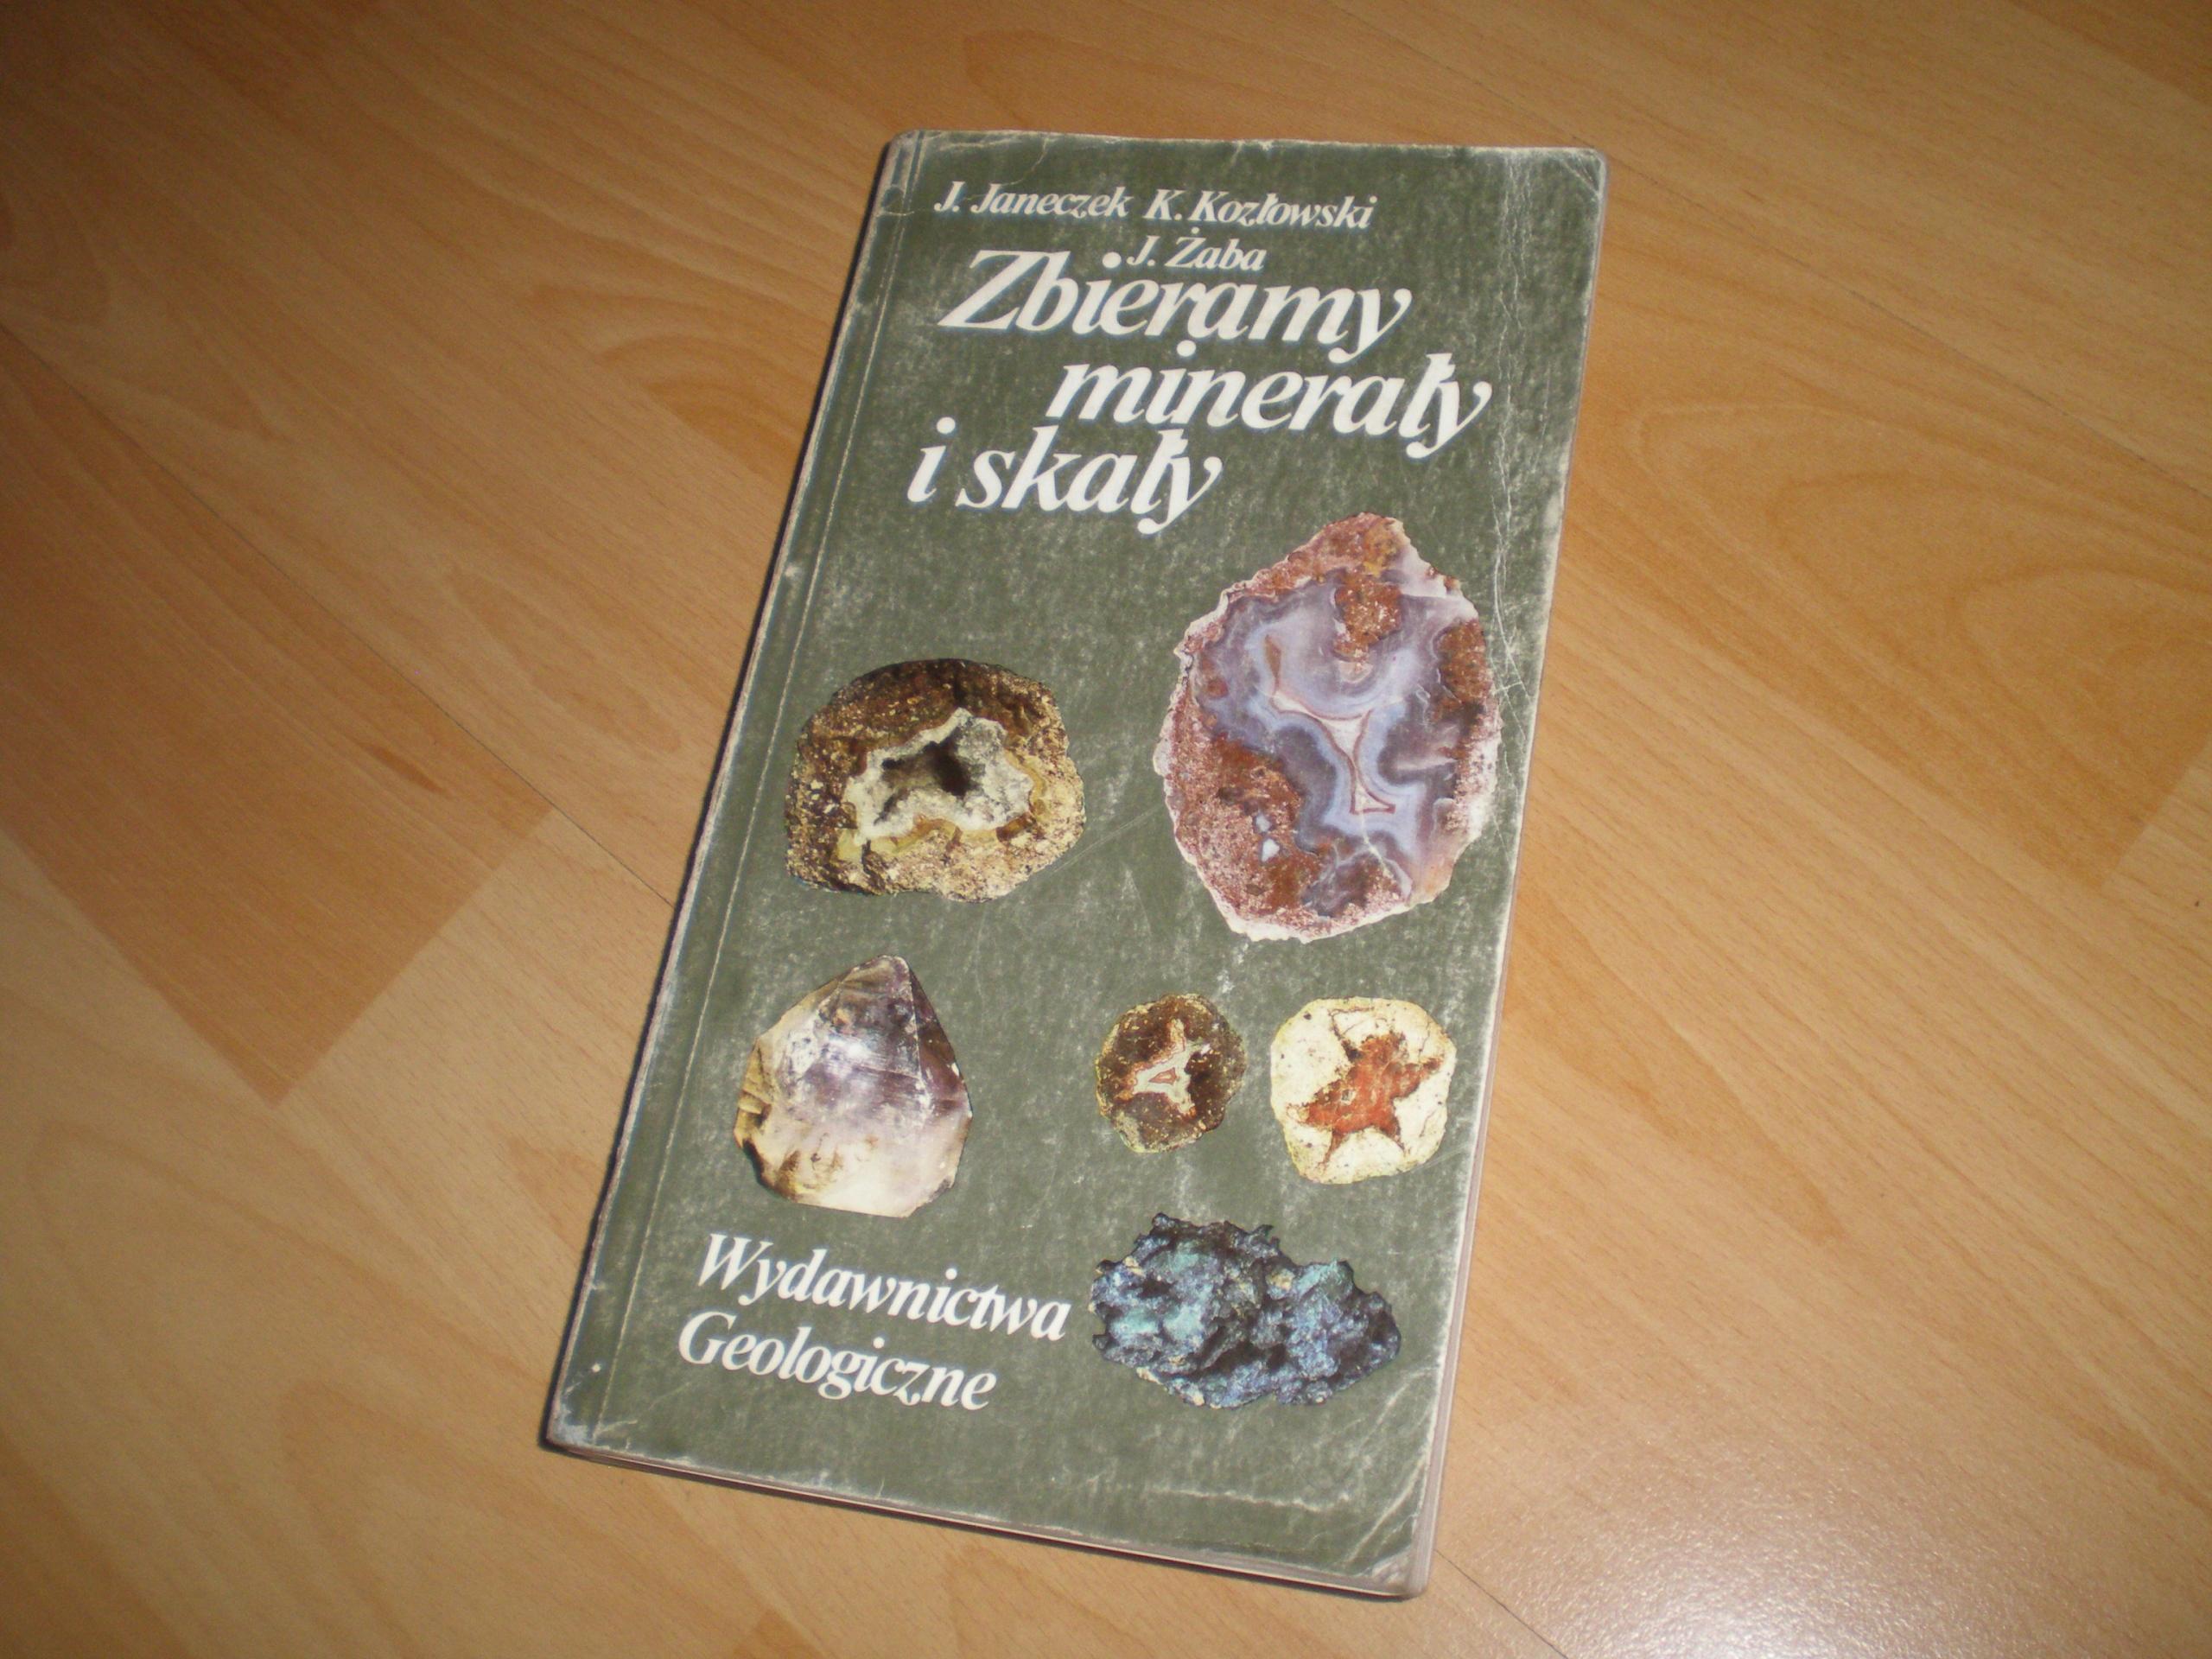 Zbieramy minerały i skały - przew Dolny Śląsk 1991